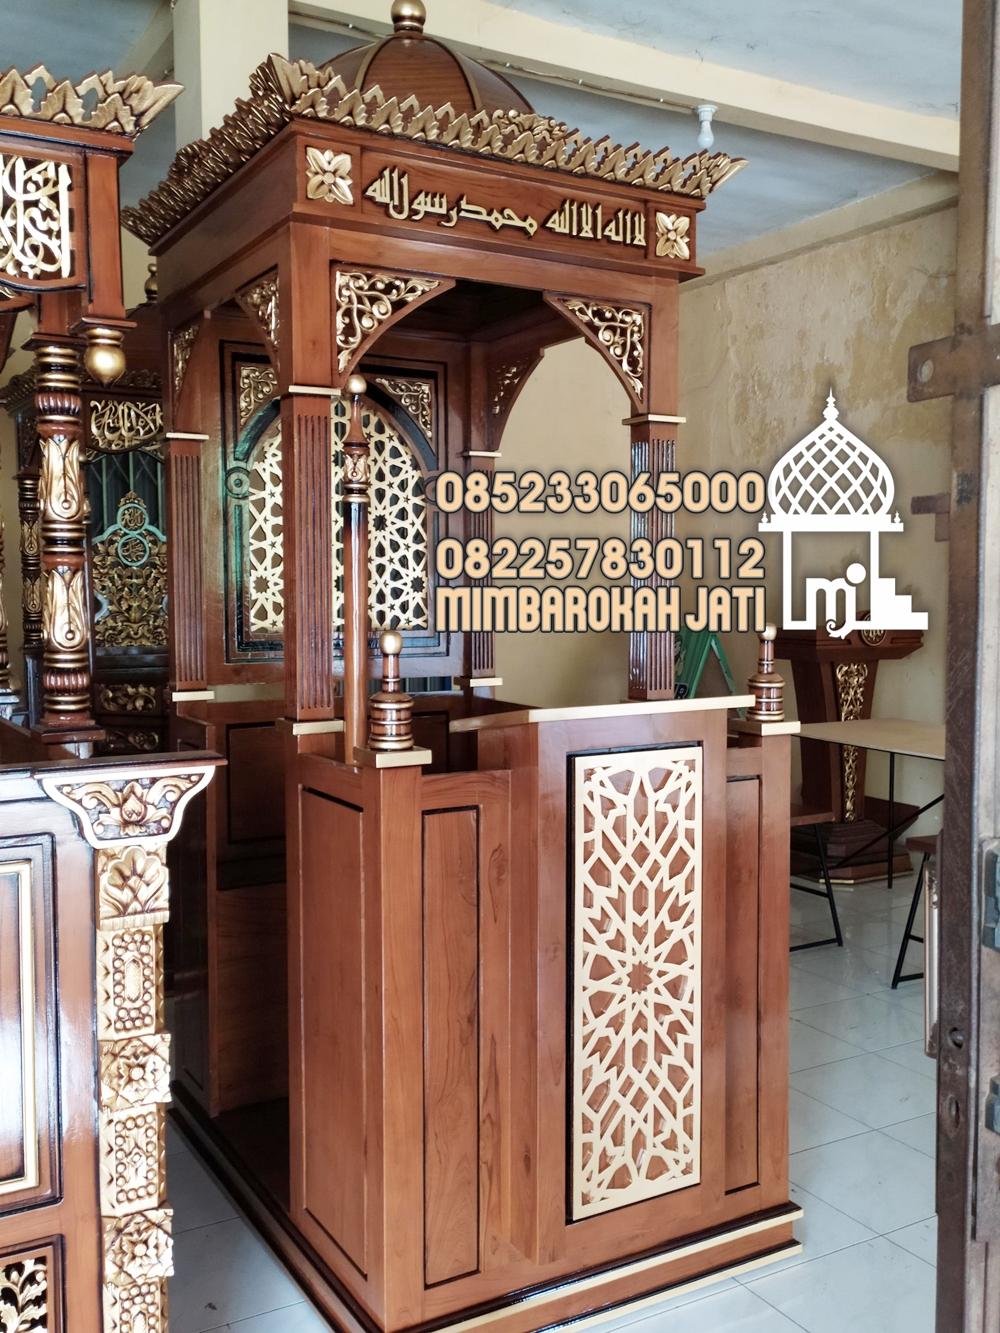 Podium Mimbar Ornamen CNC Masjid Kota Brebes